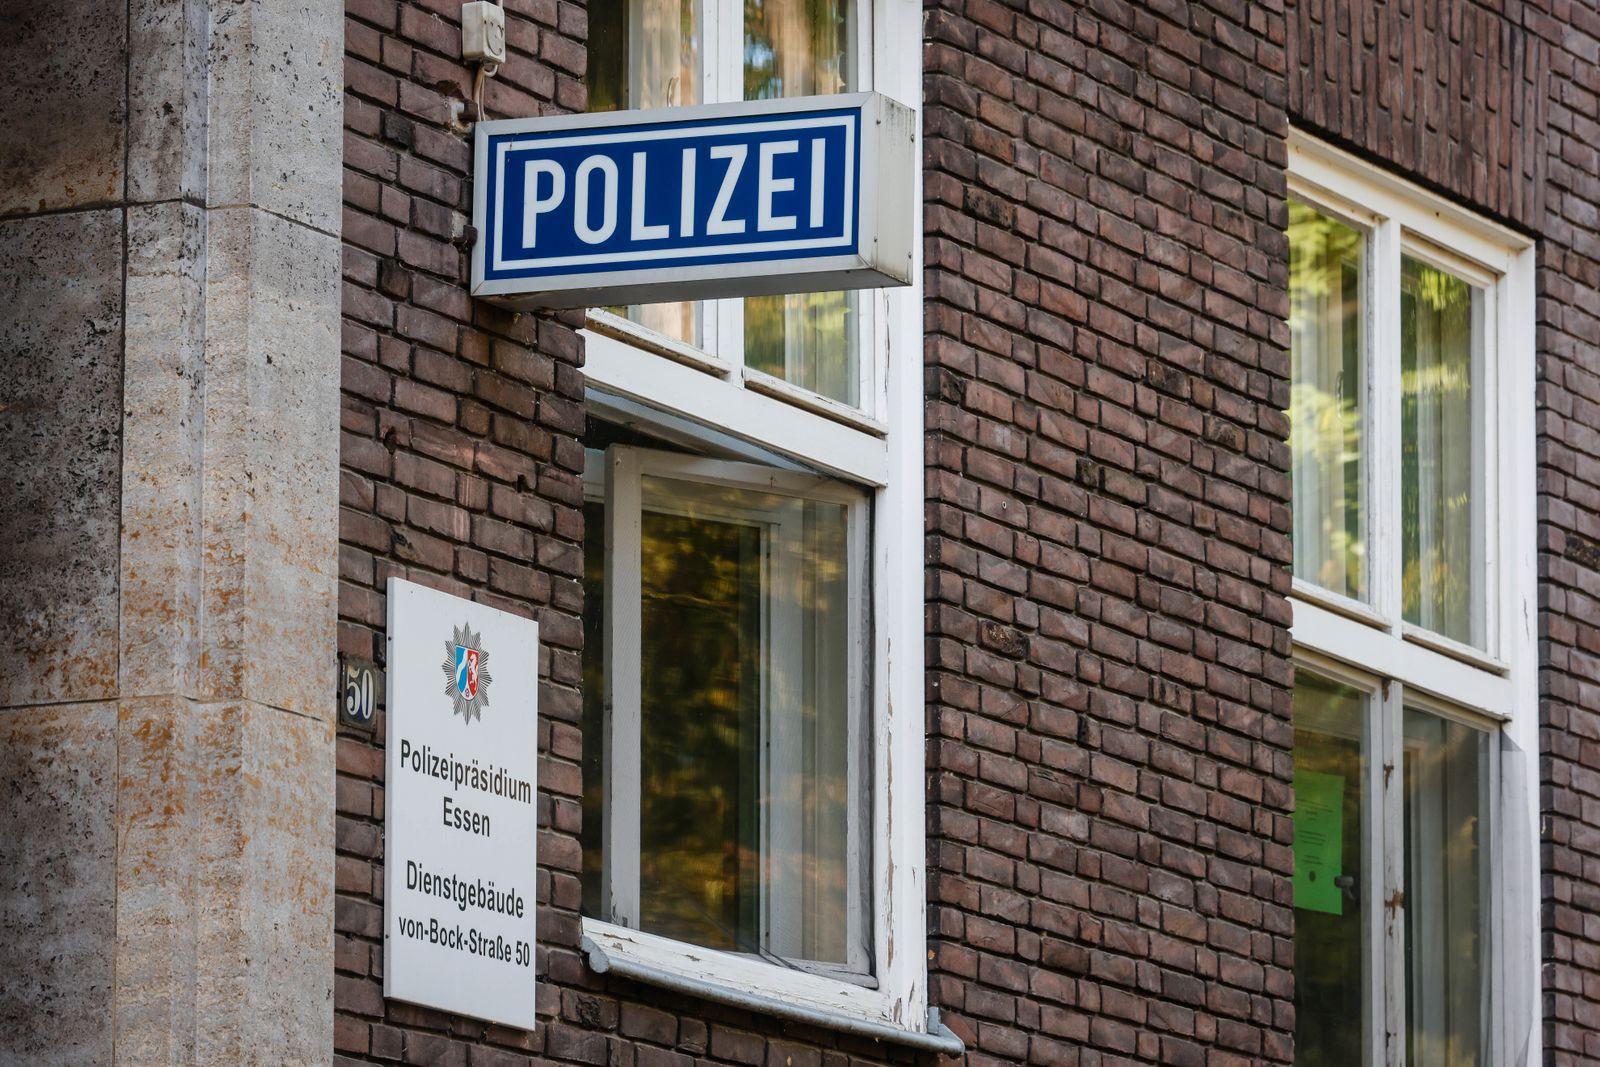 Muelheim an der Ruhr, Ruhrgebiet, Nordrhein-Westfalen, Deutschland - Rechtsextreme Chatgruppe bei Essener Polizei, die a